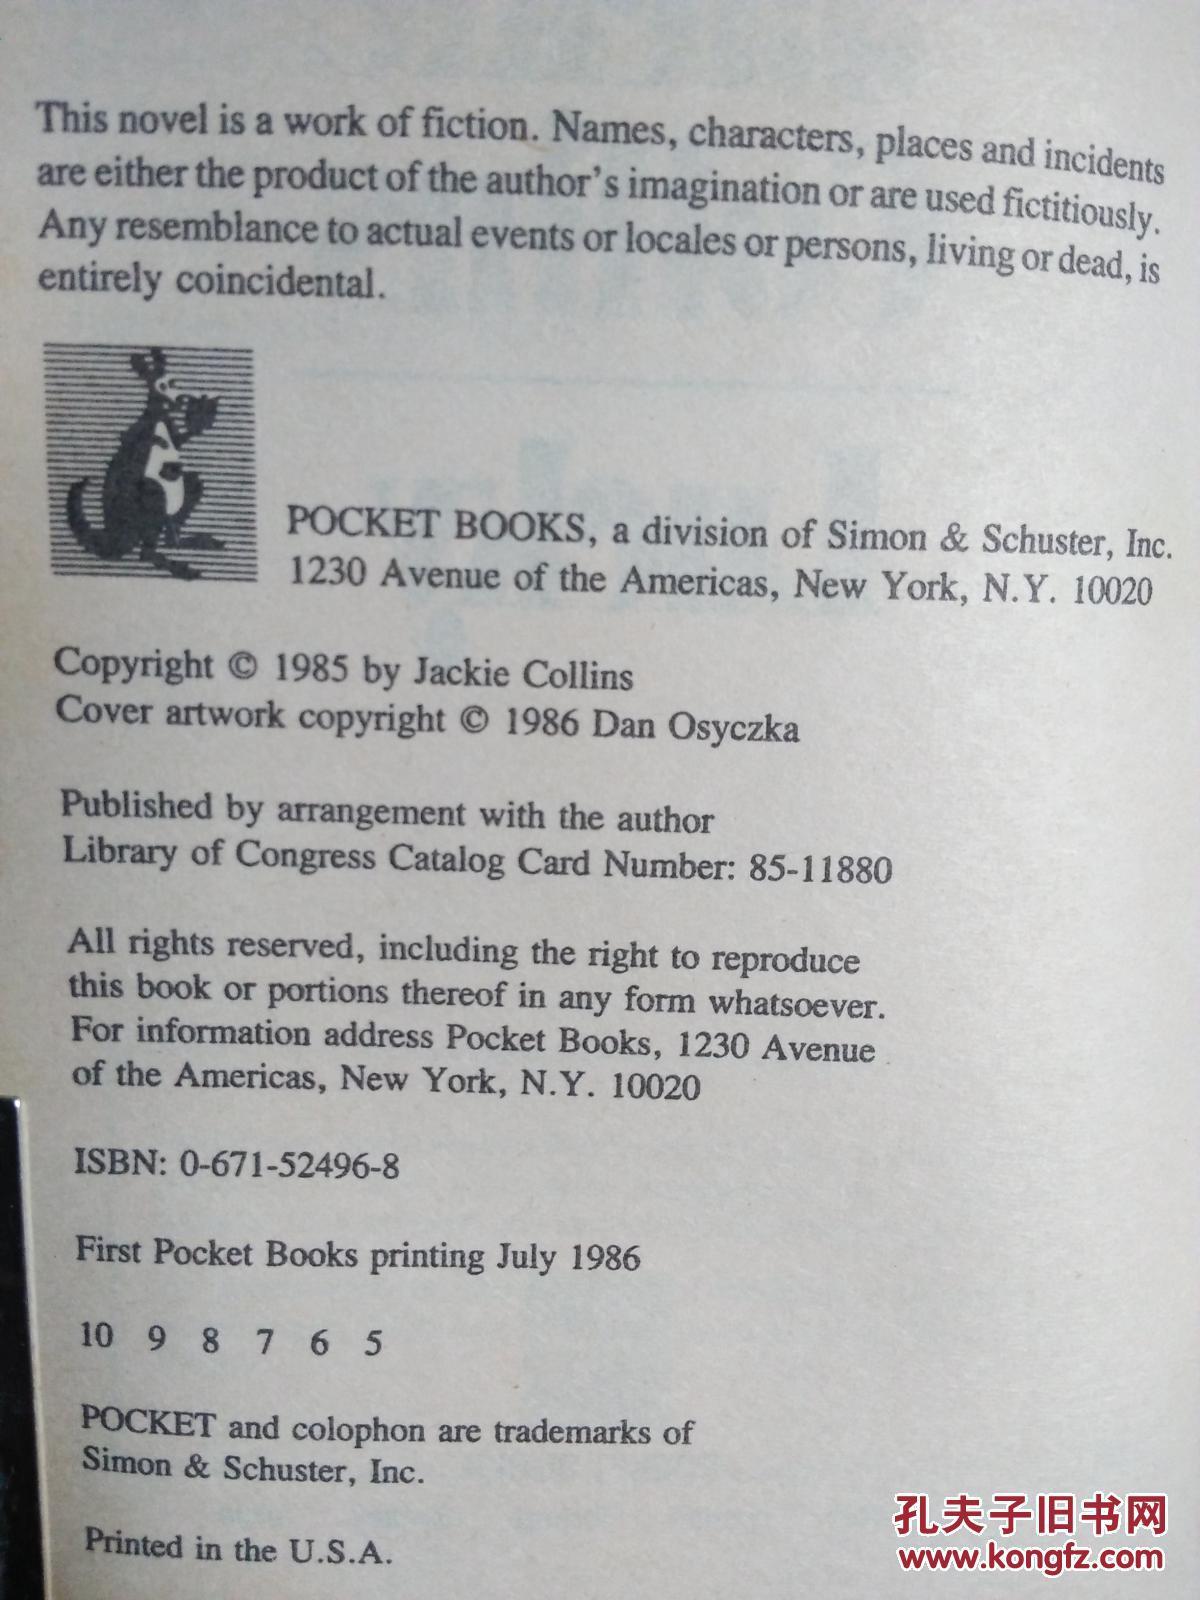 【图】Lucky英文情绪目录书(口袋被称图片小原版包放在信表情微哪个作者图片